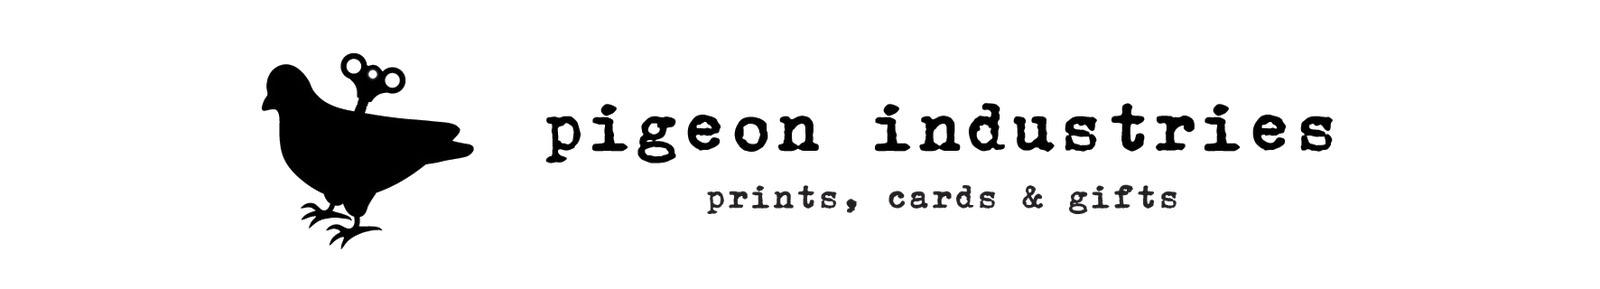 pigeon industries